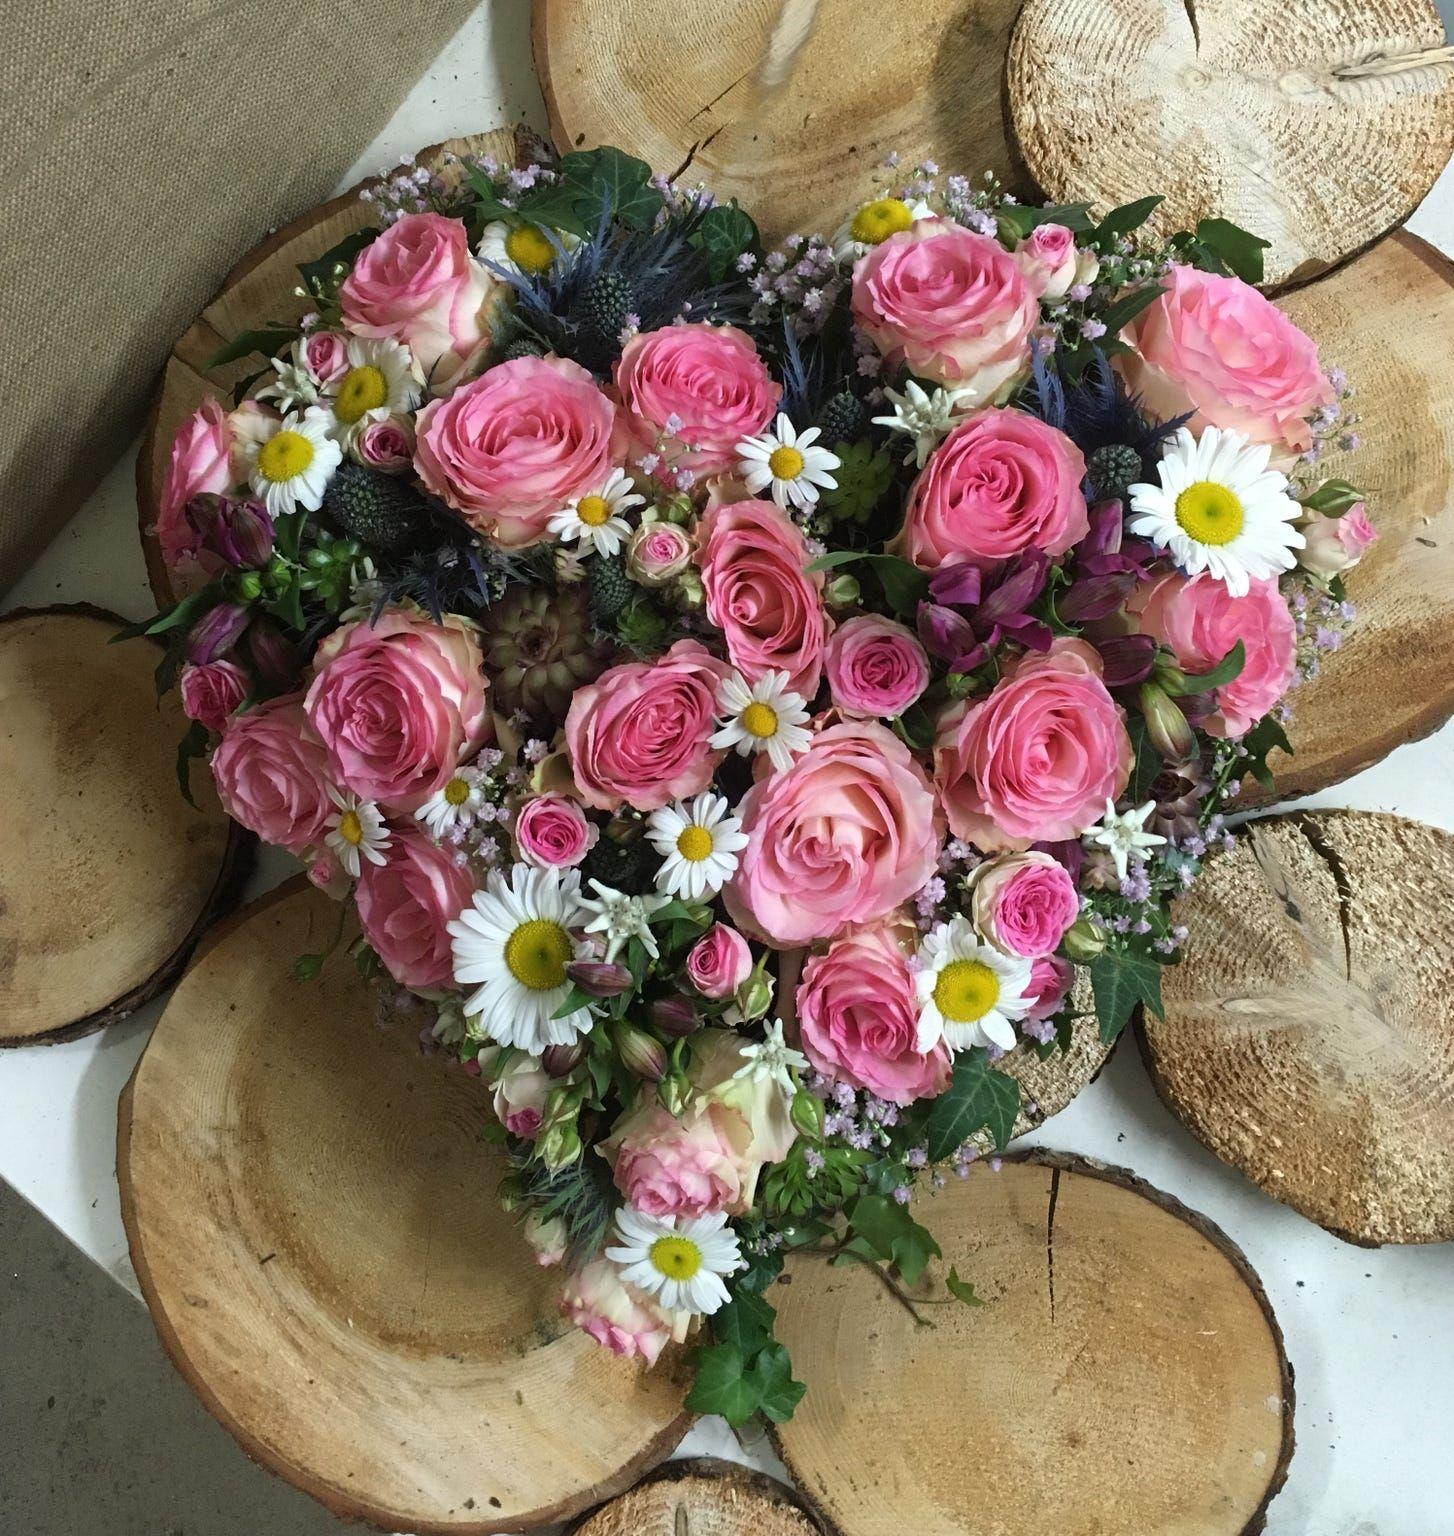 Hochzeit Wenn Ihr Eure Liebe Und Verbundenheit Feiert Soll Das Ein Bluhendes Fest Werden Jedes Brautpaar Hochzeitsfloristik Tischdekoration Hochzeit Florist